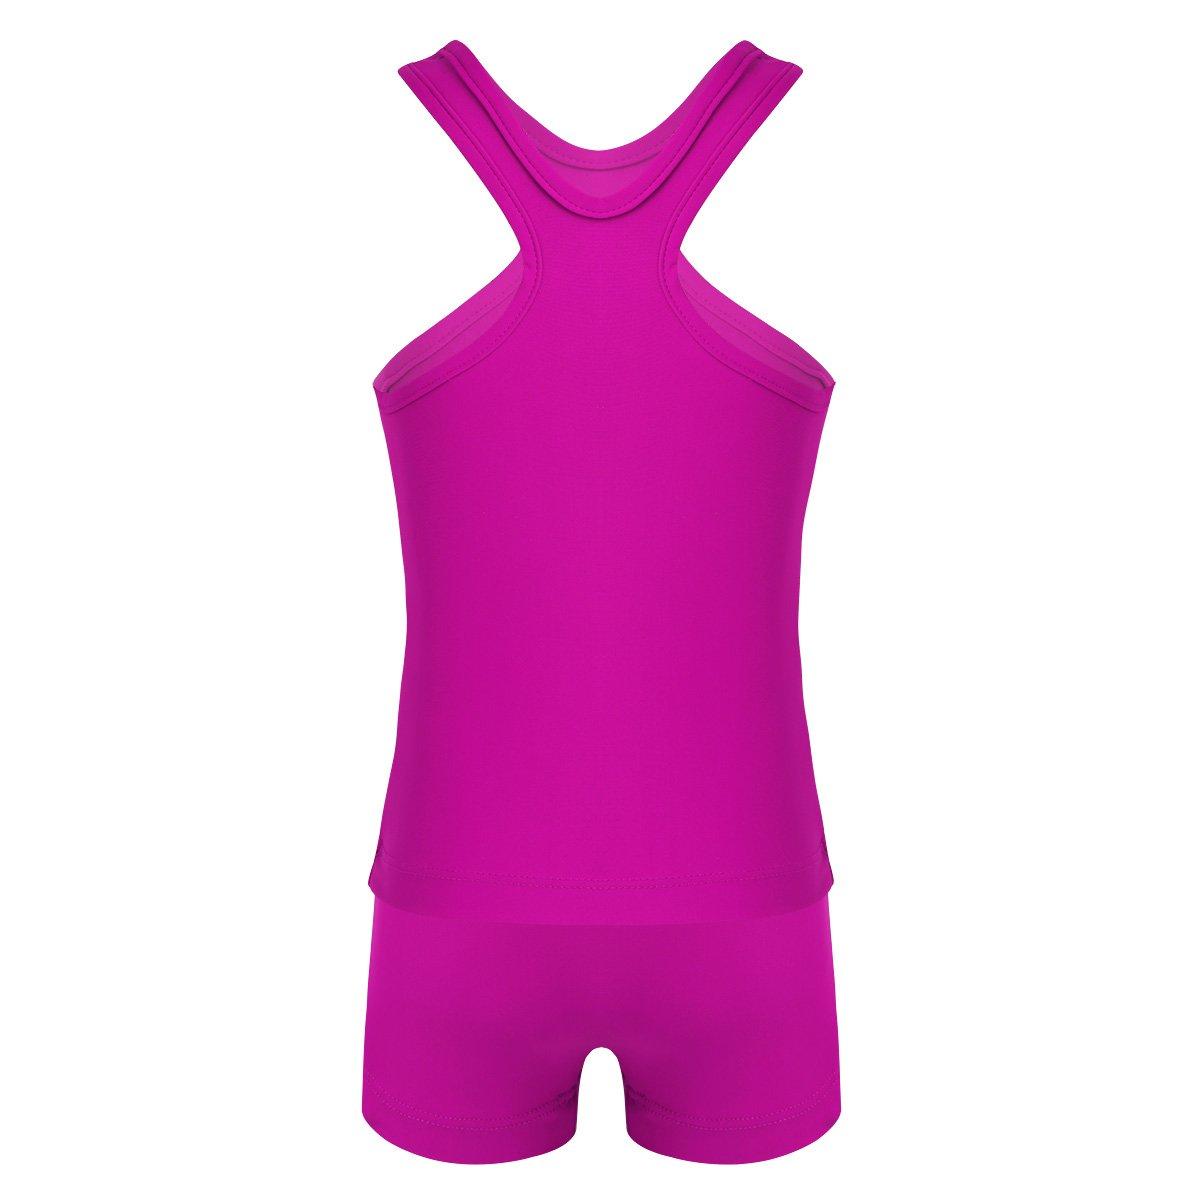 IEFIEL Maillot de Bain 2 Pi/èce Enfant Fille Gilet /& Shorts de Sport Justaucorps Gymnastique Danse Ballet sans Manches Costume de Gym Yoga Tenue 4-14 Ans